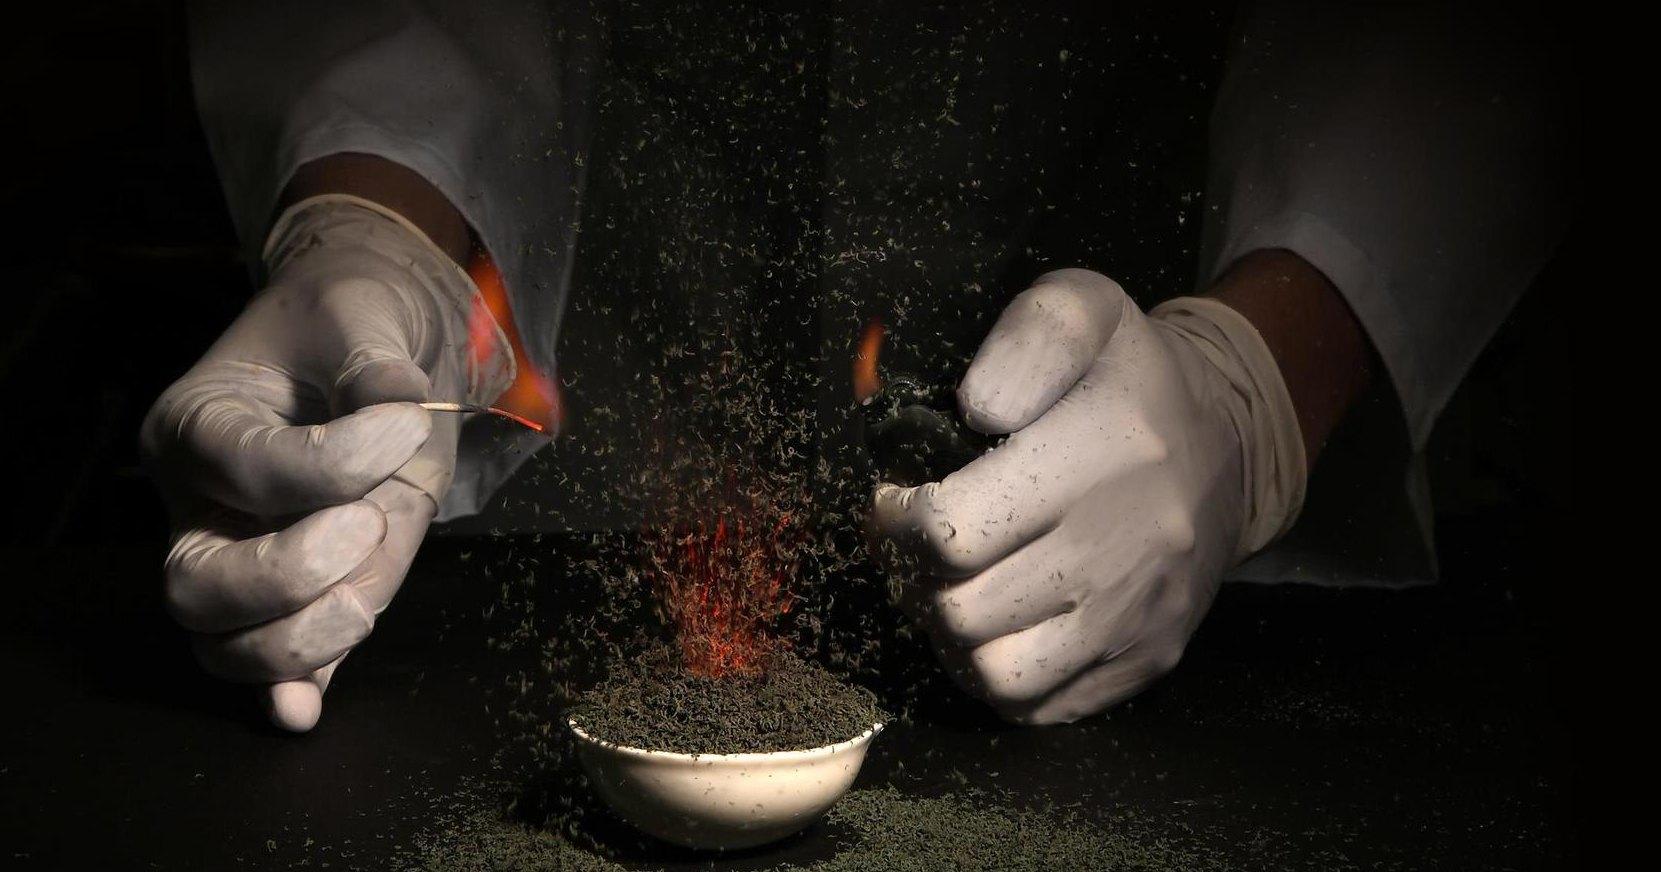 Химия, химия, вся посуда синяя: реактивы